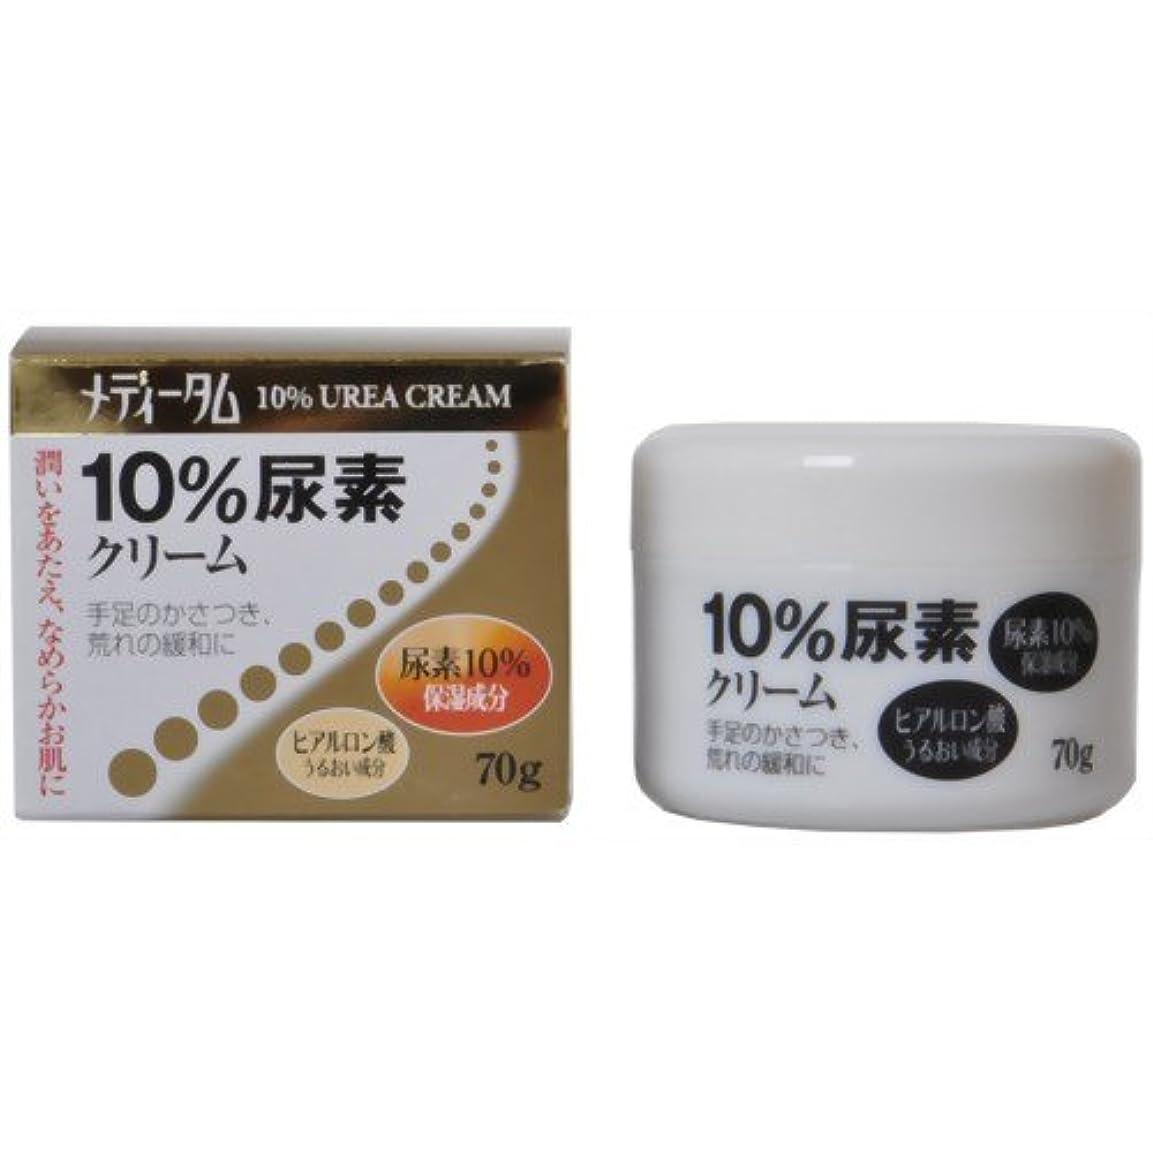 ミニチュアハングおもしろいメディータム 10%尿素クリーム 70g